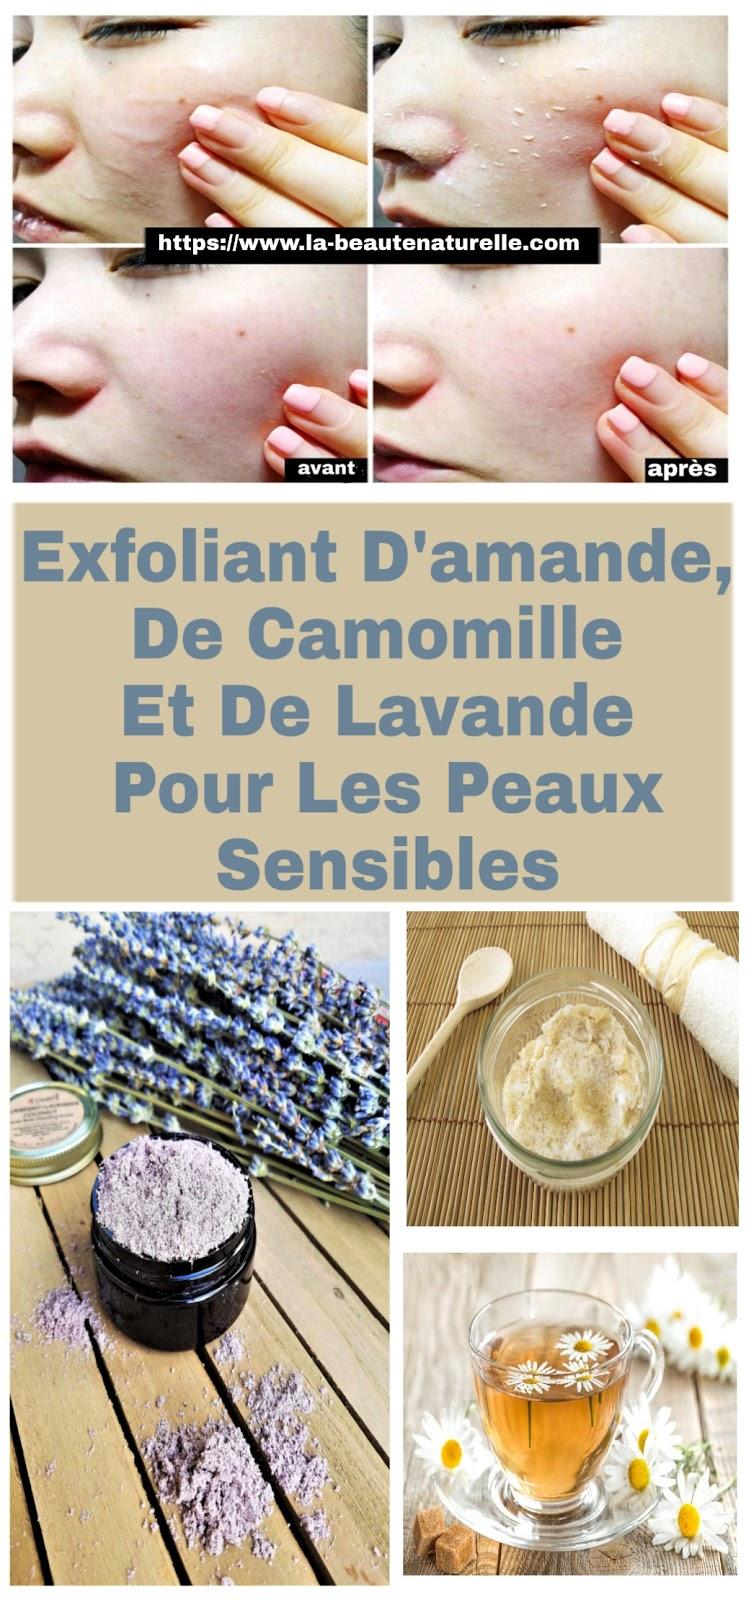 Exfoliant D'amande, De Camomille Et De Lavande Pour Les Peaux Sensibles